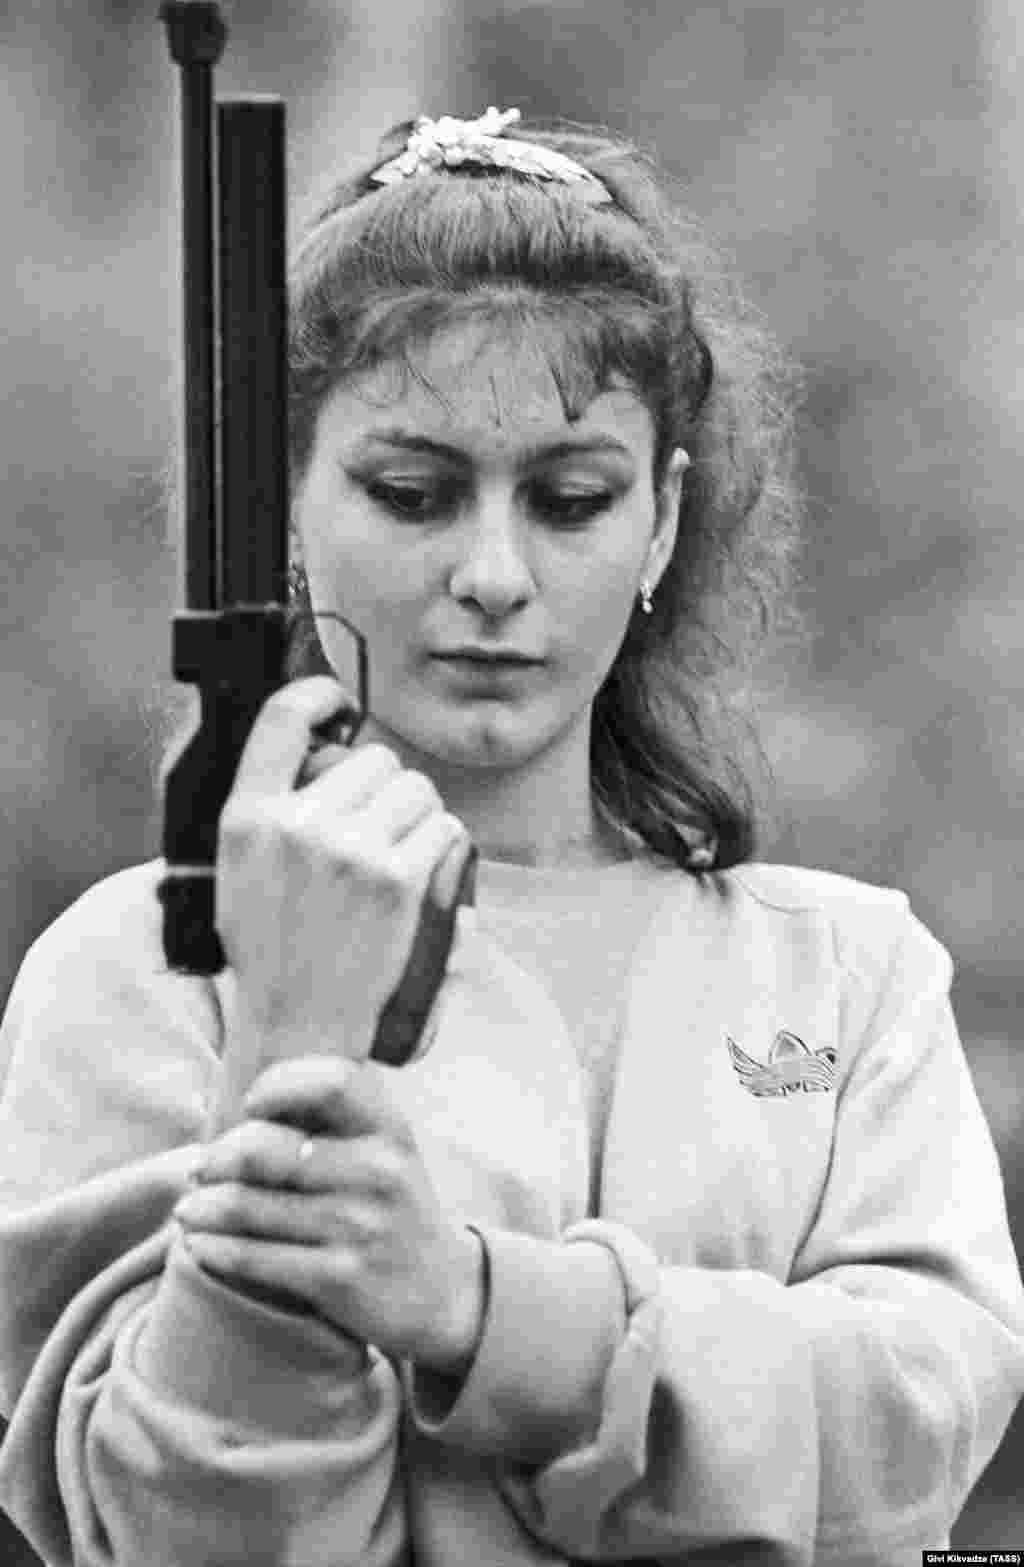 Уже на своих первых Играх (Сеул-1988) еще в составе сборной СССР Салуквадзе выиграла две медали в пулевой стрельбе из пистолета: золото и серебро.